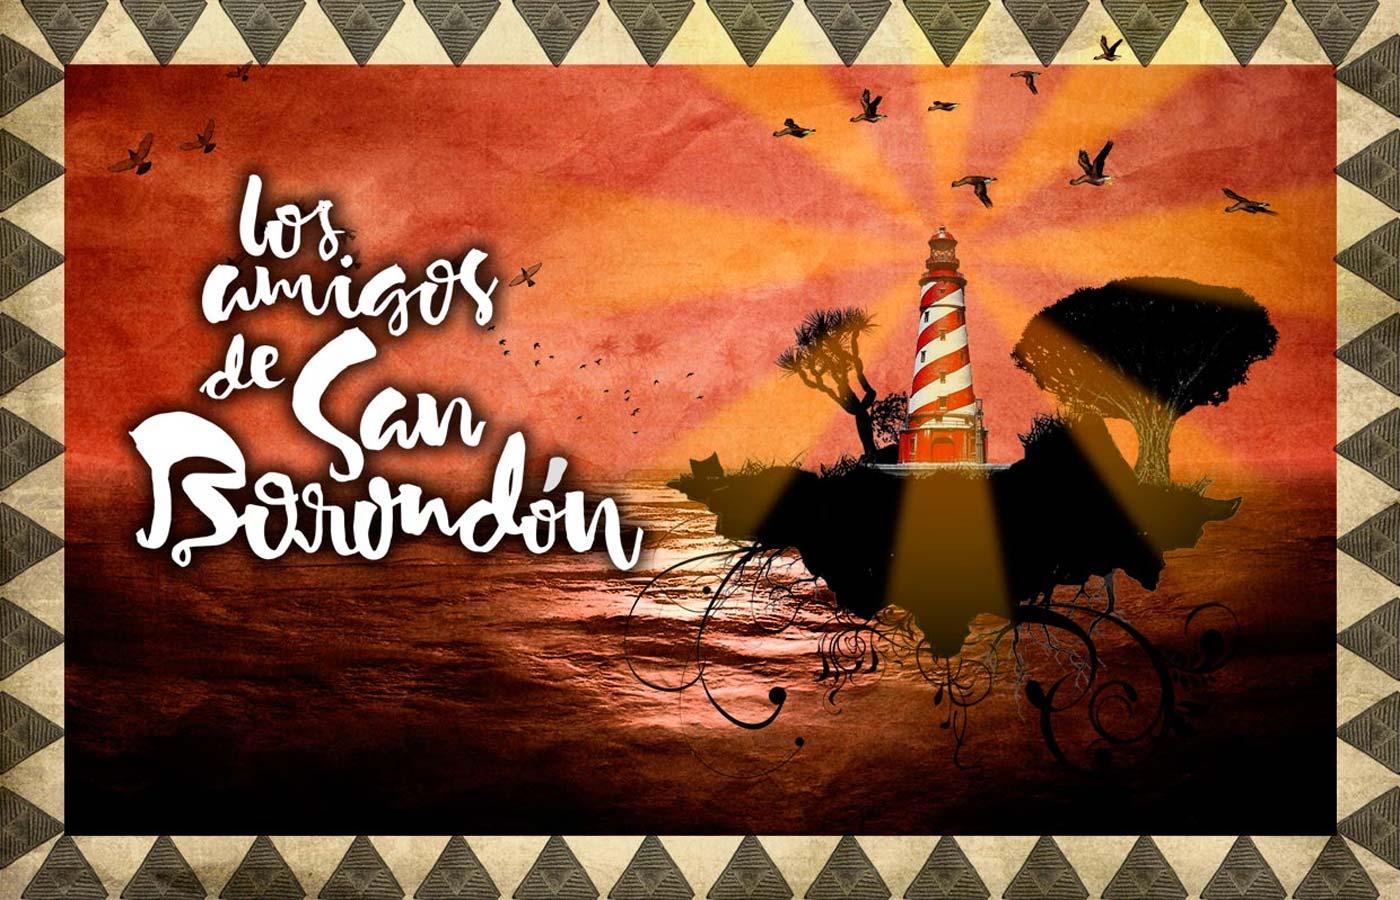 Bolina-Titeres-Compañia-de-teatro-Islas-Canariaa-Los-Amigos-de-San-Borondon-00